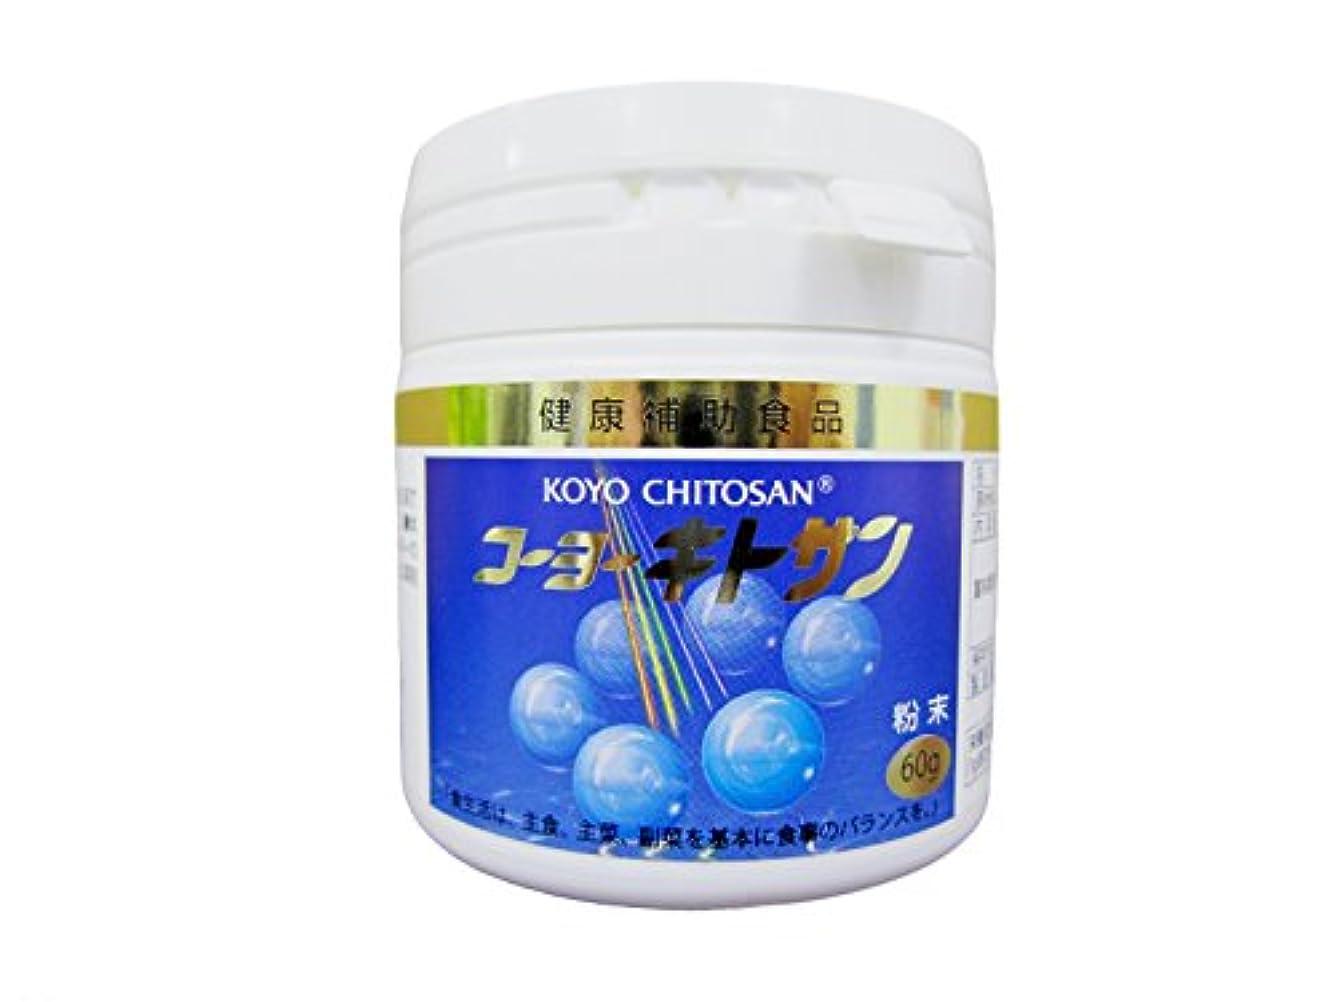 試験プロット汚物コーヨーキトサン粉末 60g